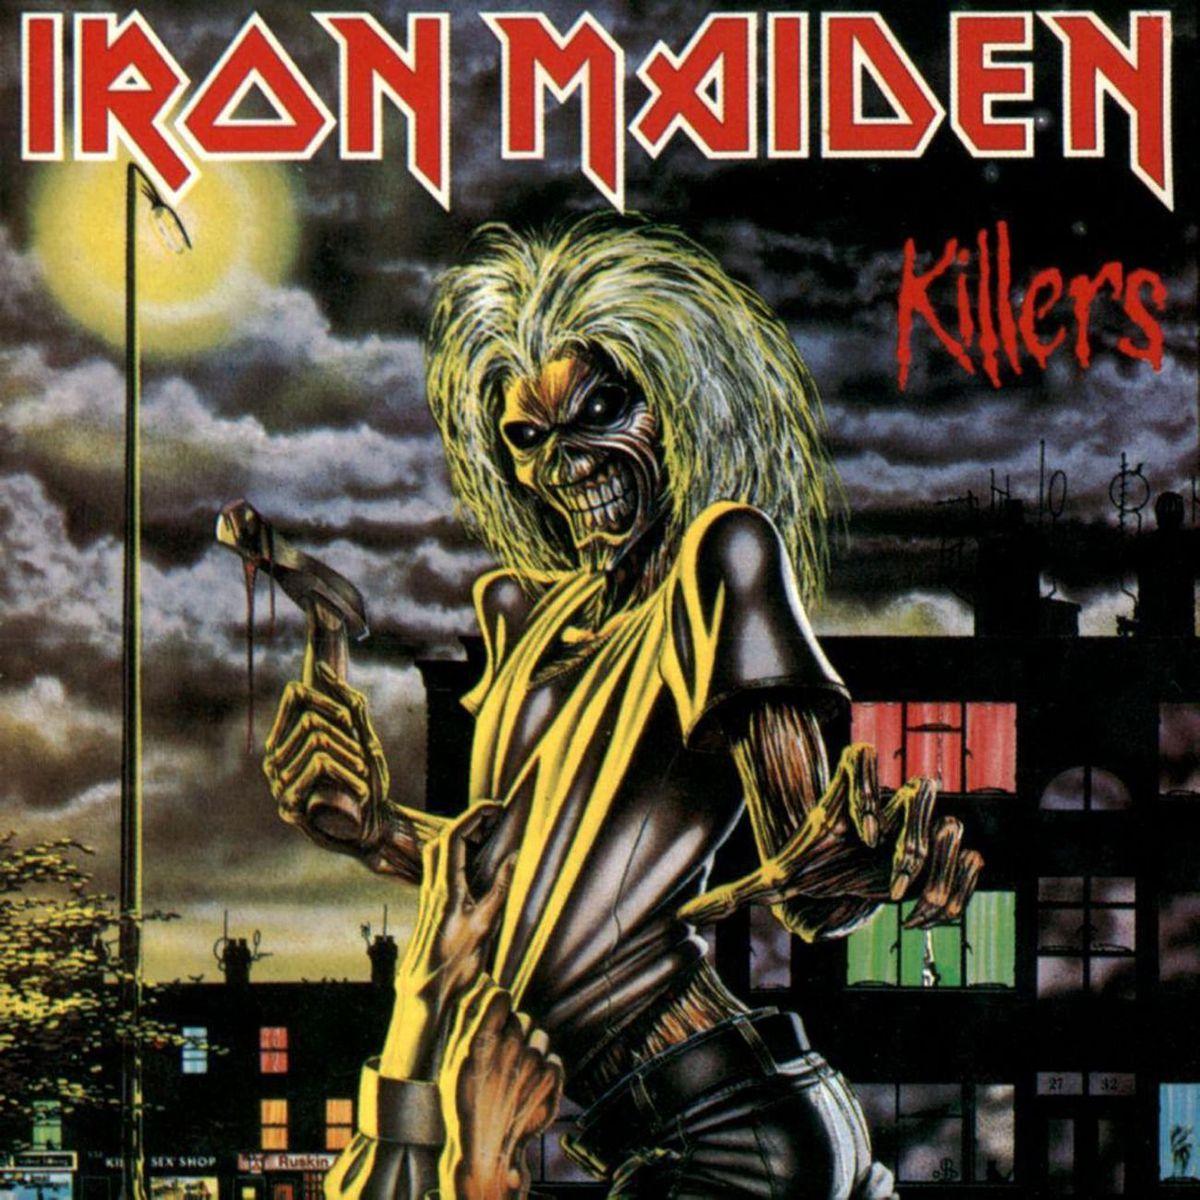 Iron Maiden's Killers album cover